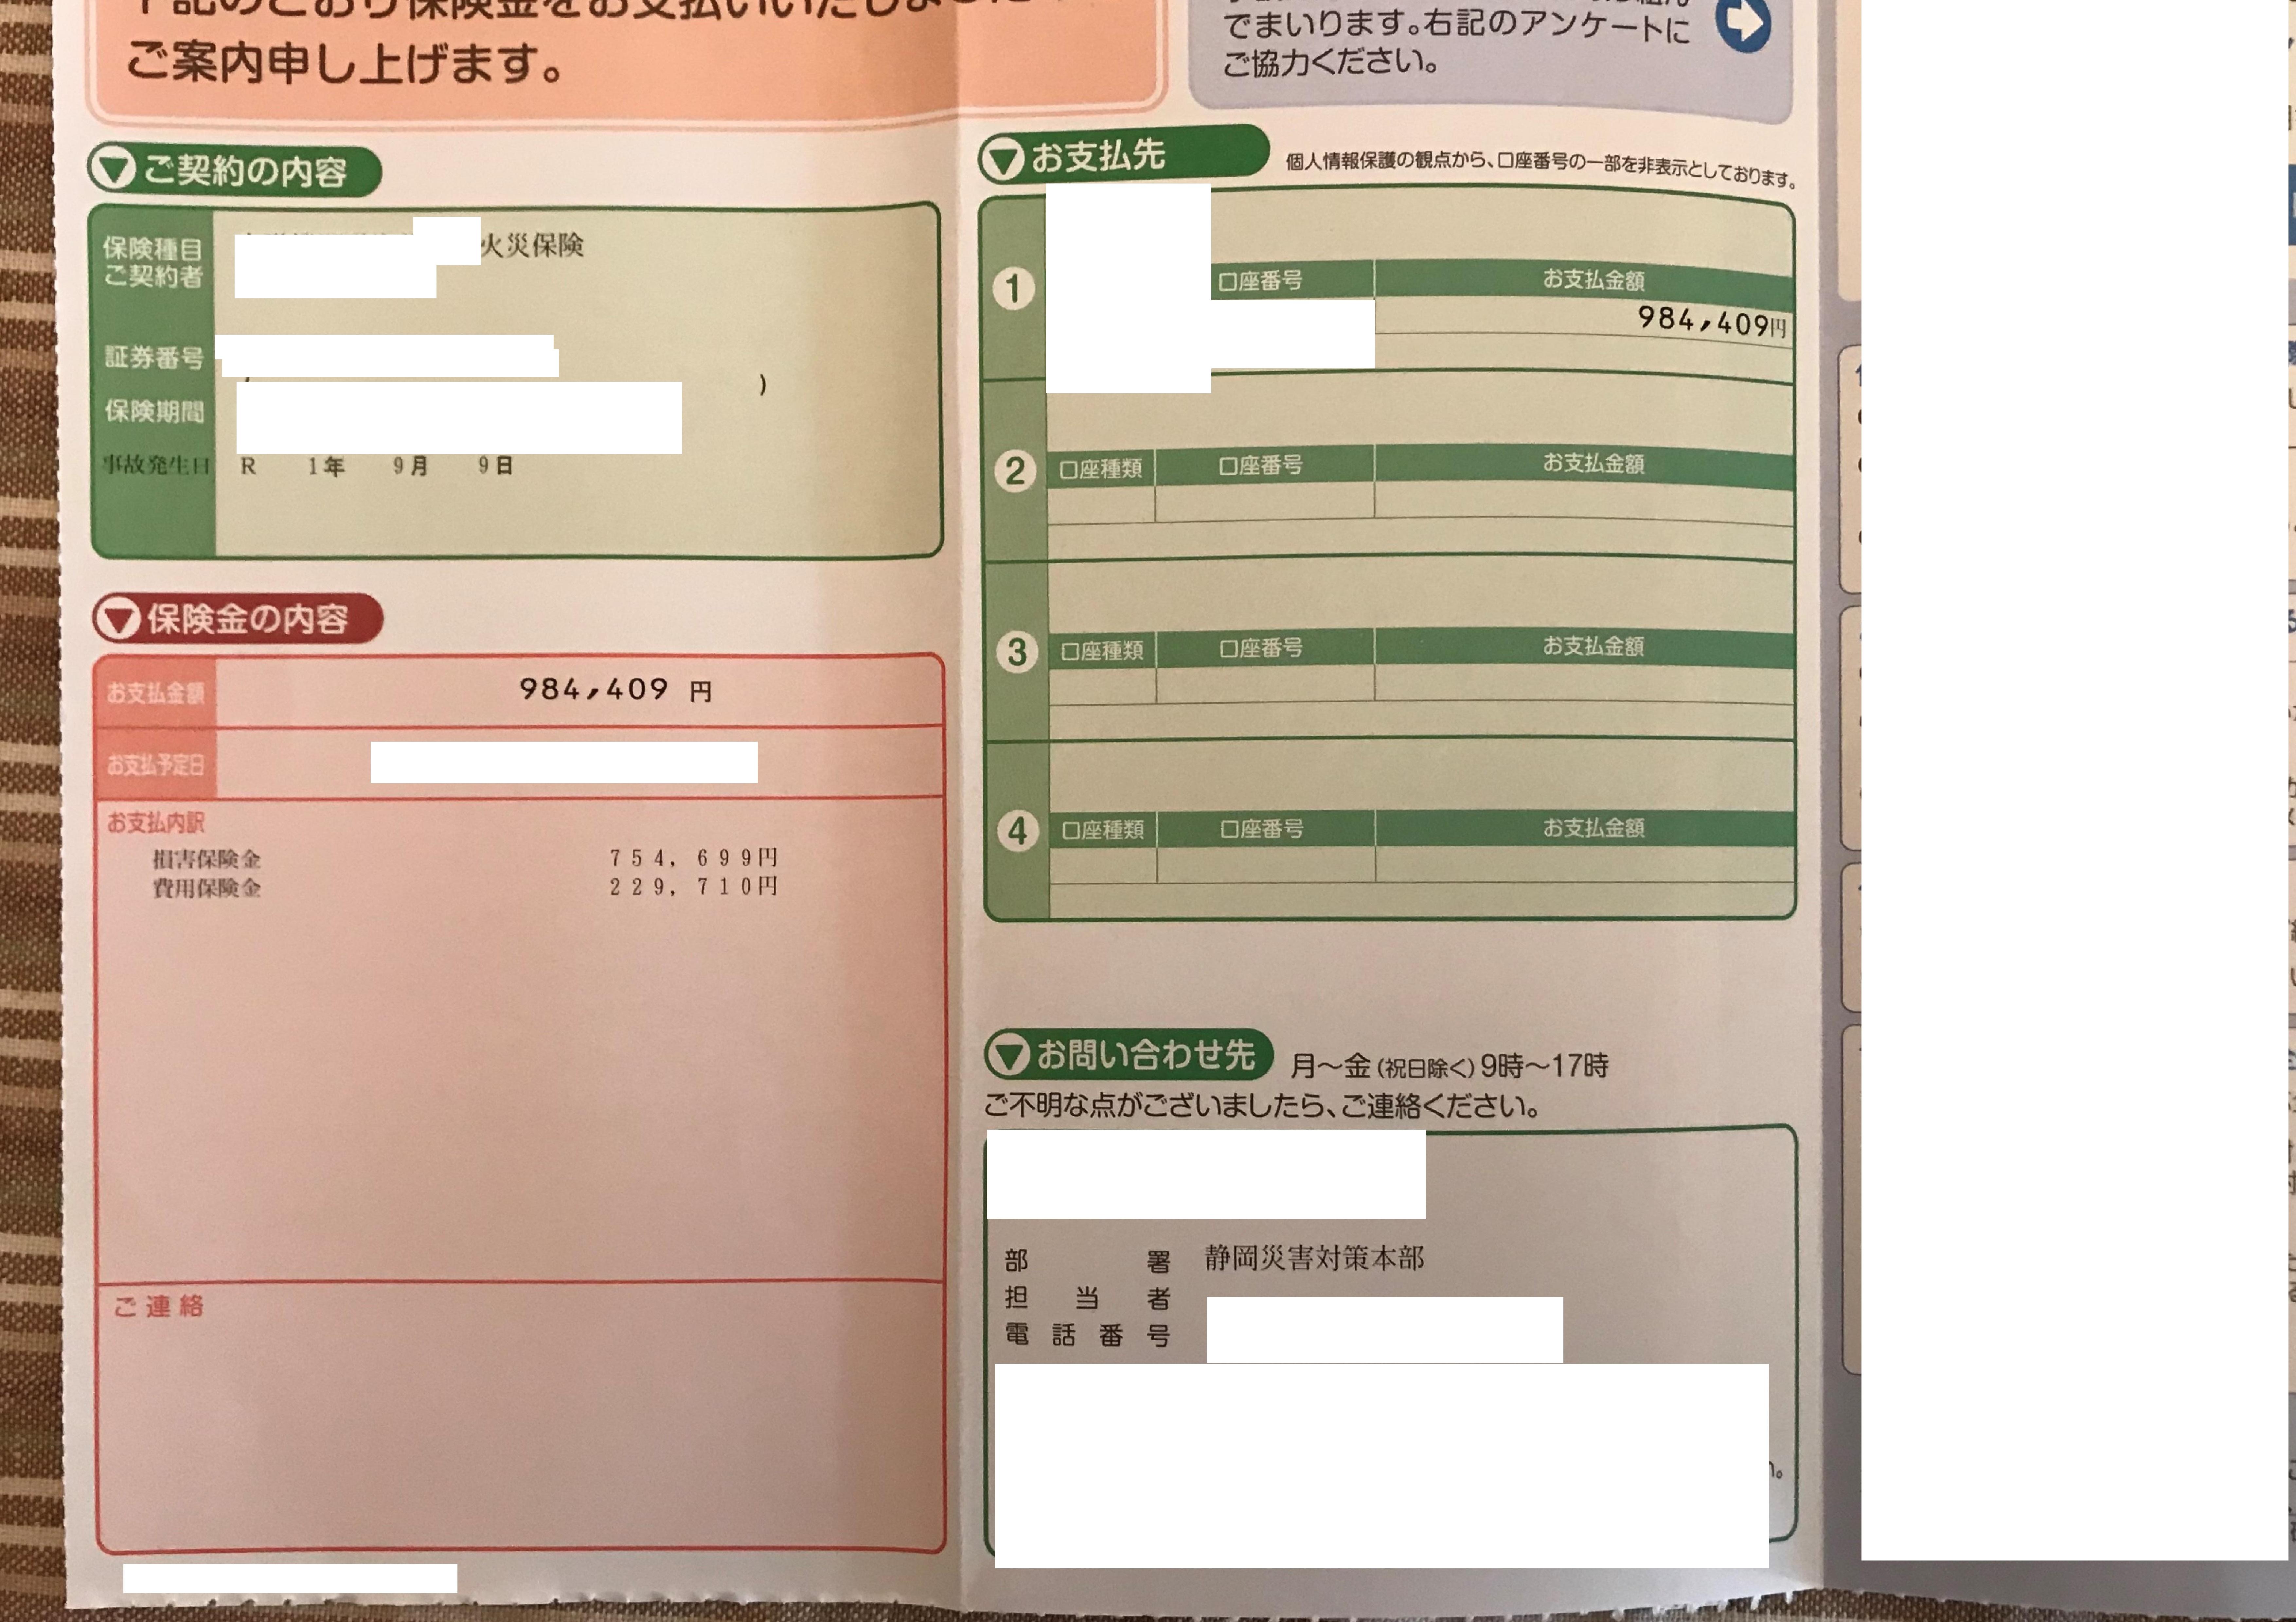 静岡県火災保険 台風被害 証明書